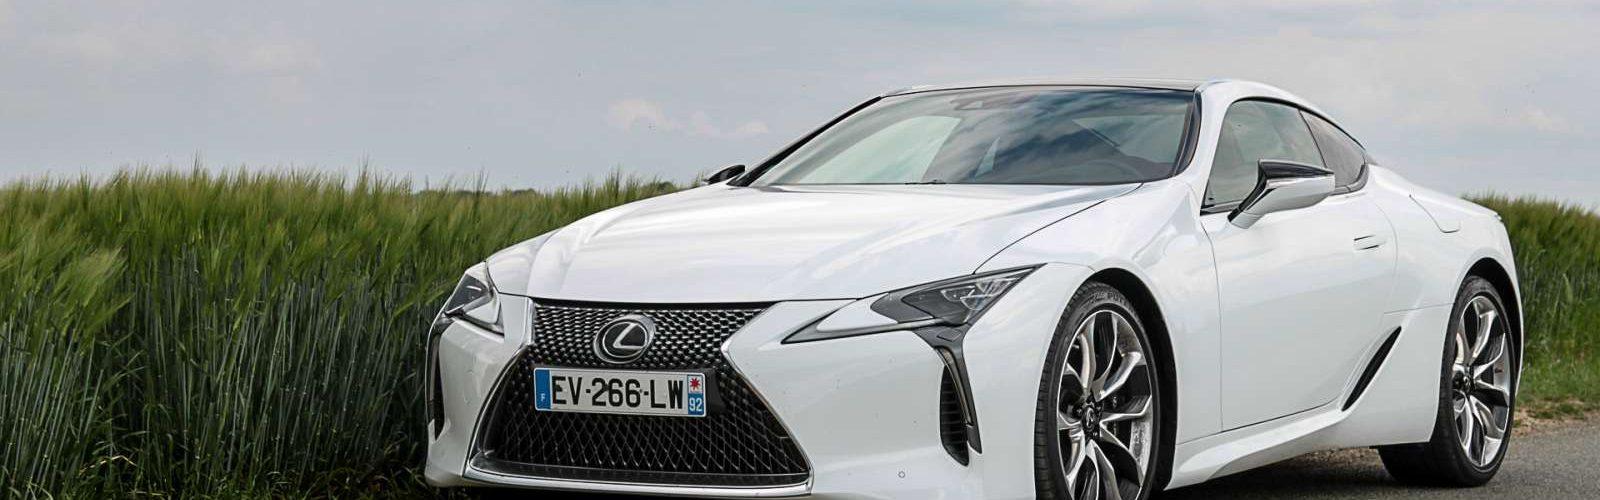 Essai Lexus LC500 Le Nouvel Automobiliste